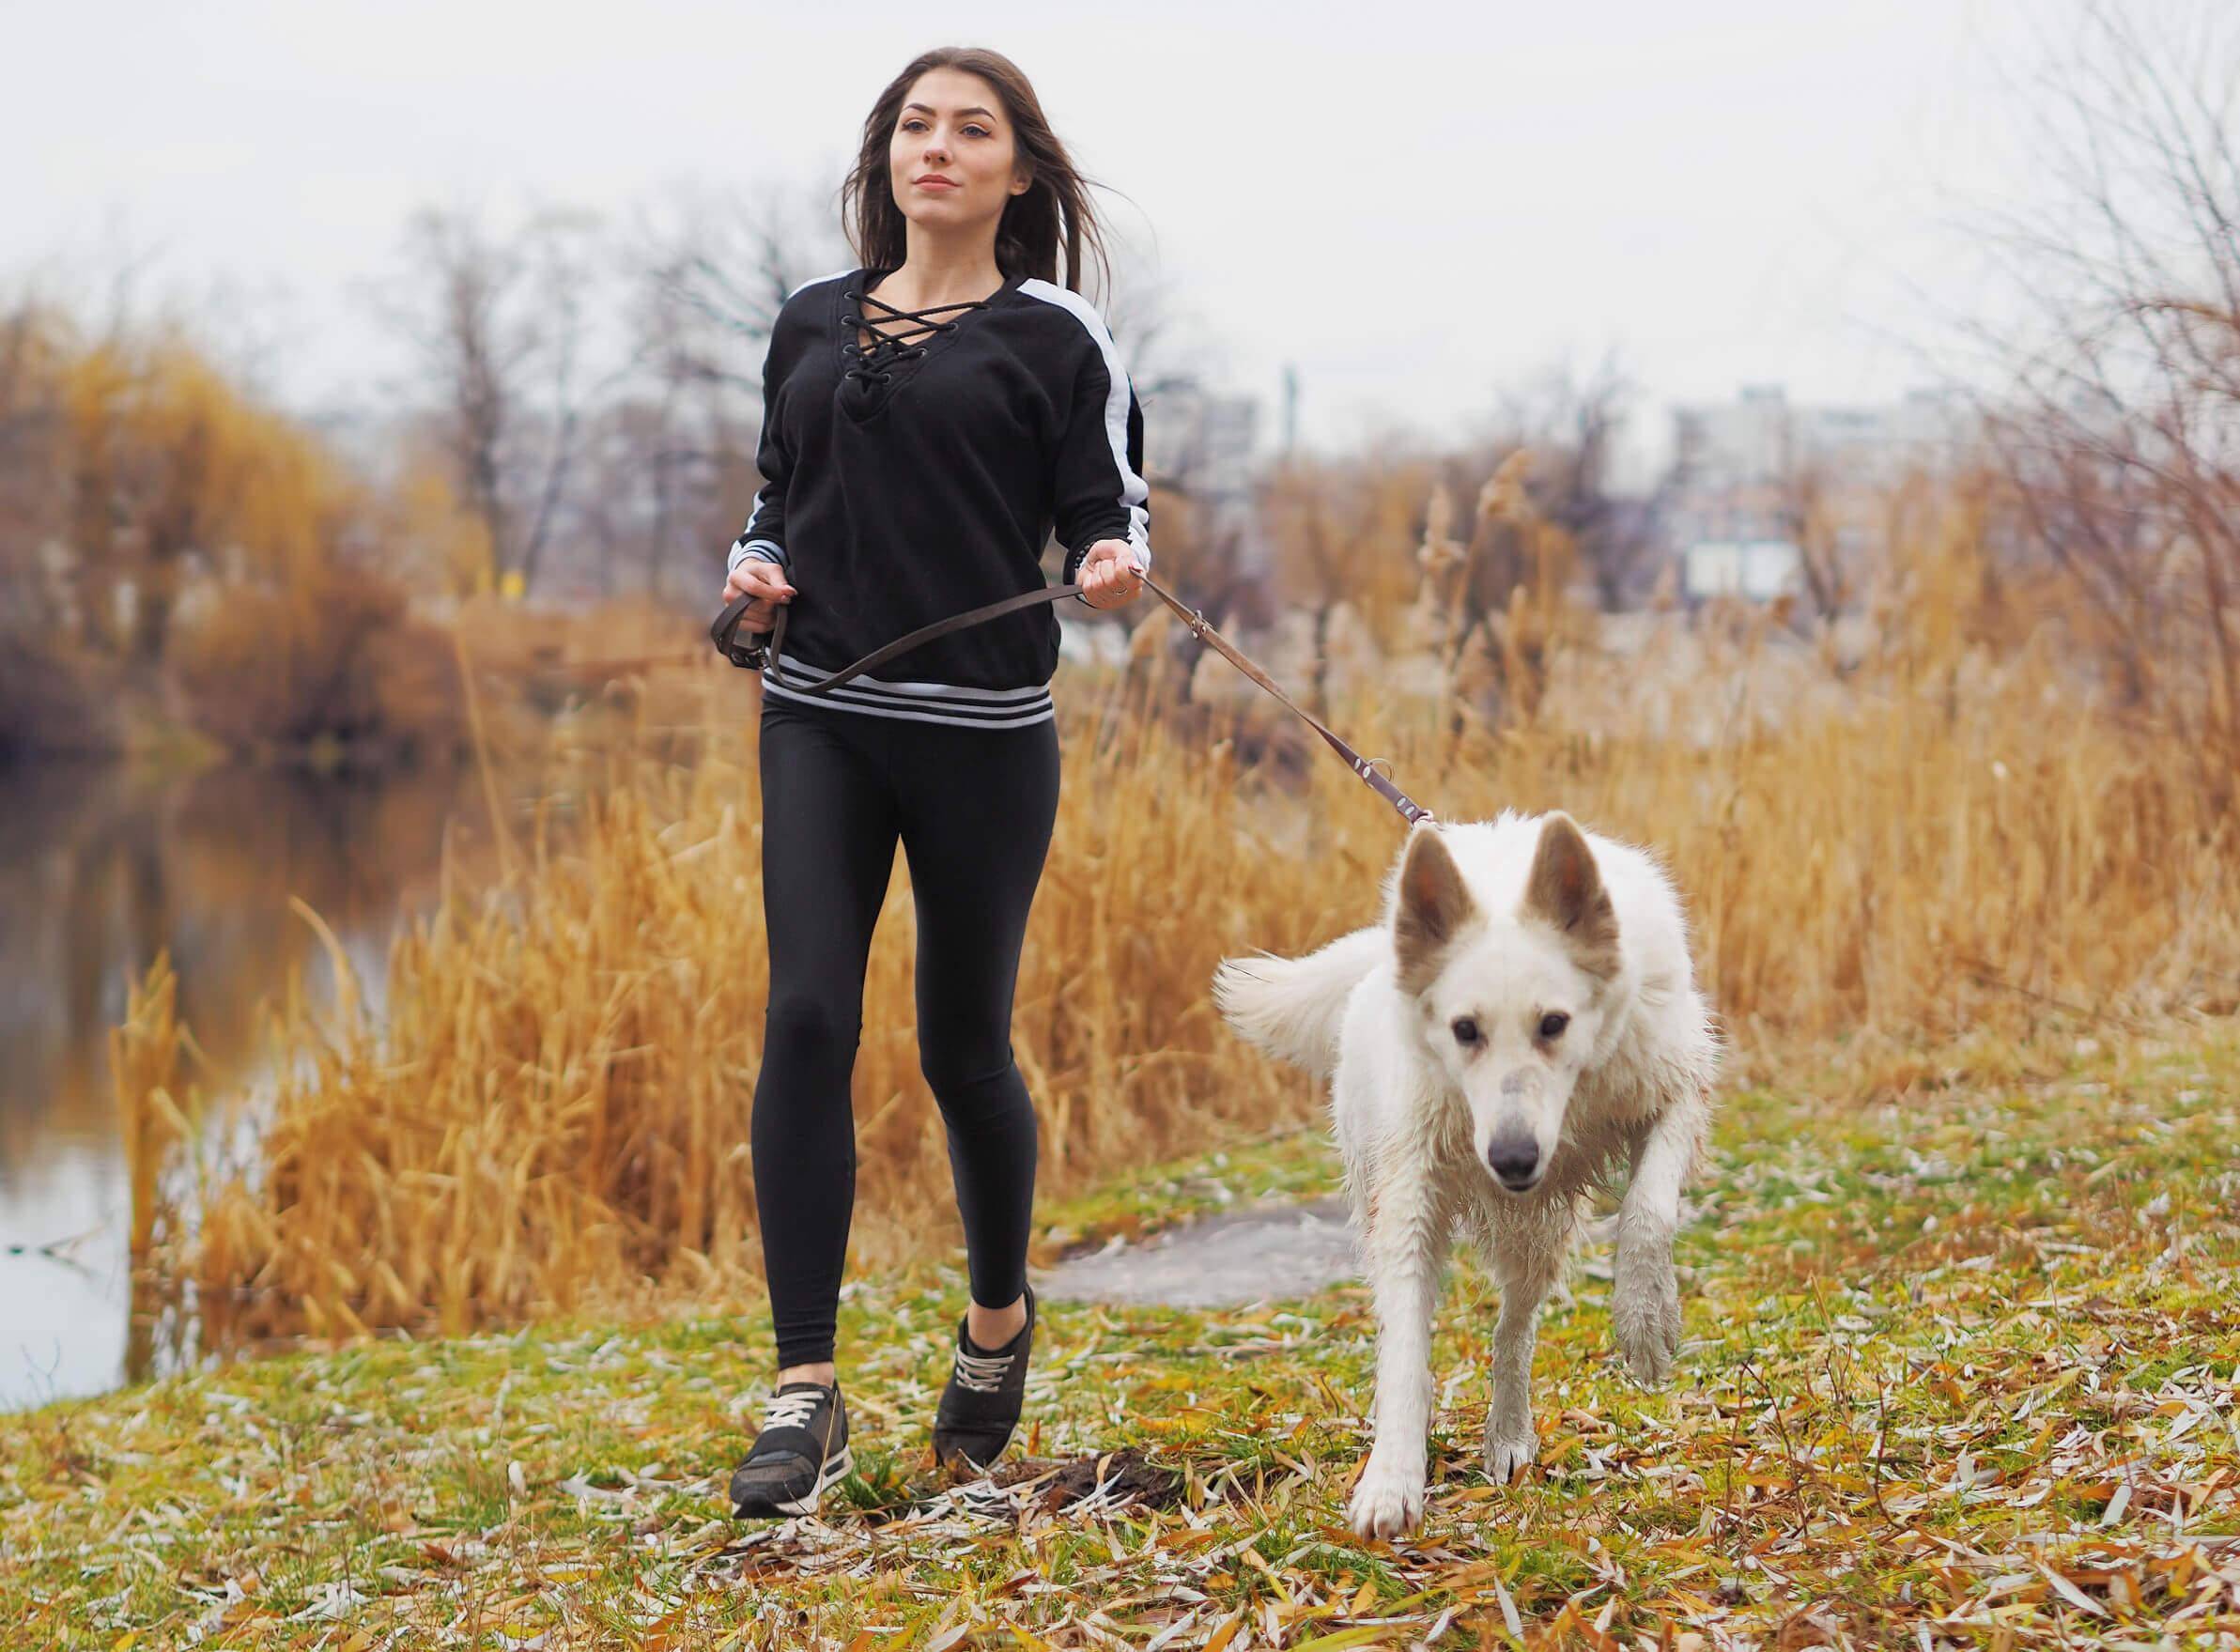 Correr o caminar puede hacerse en solitario.